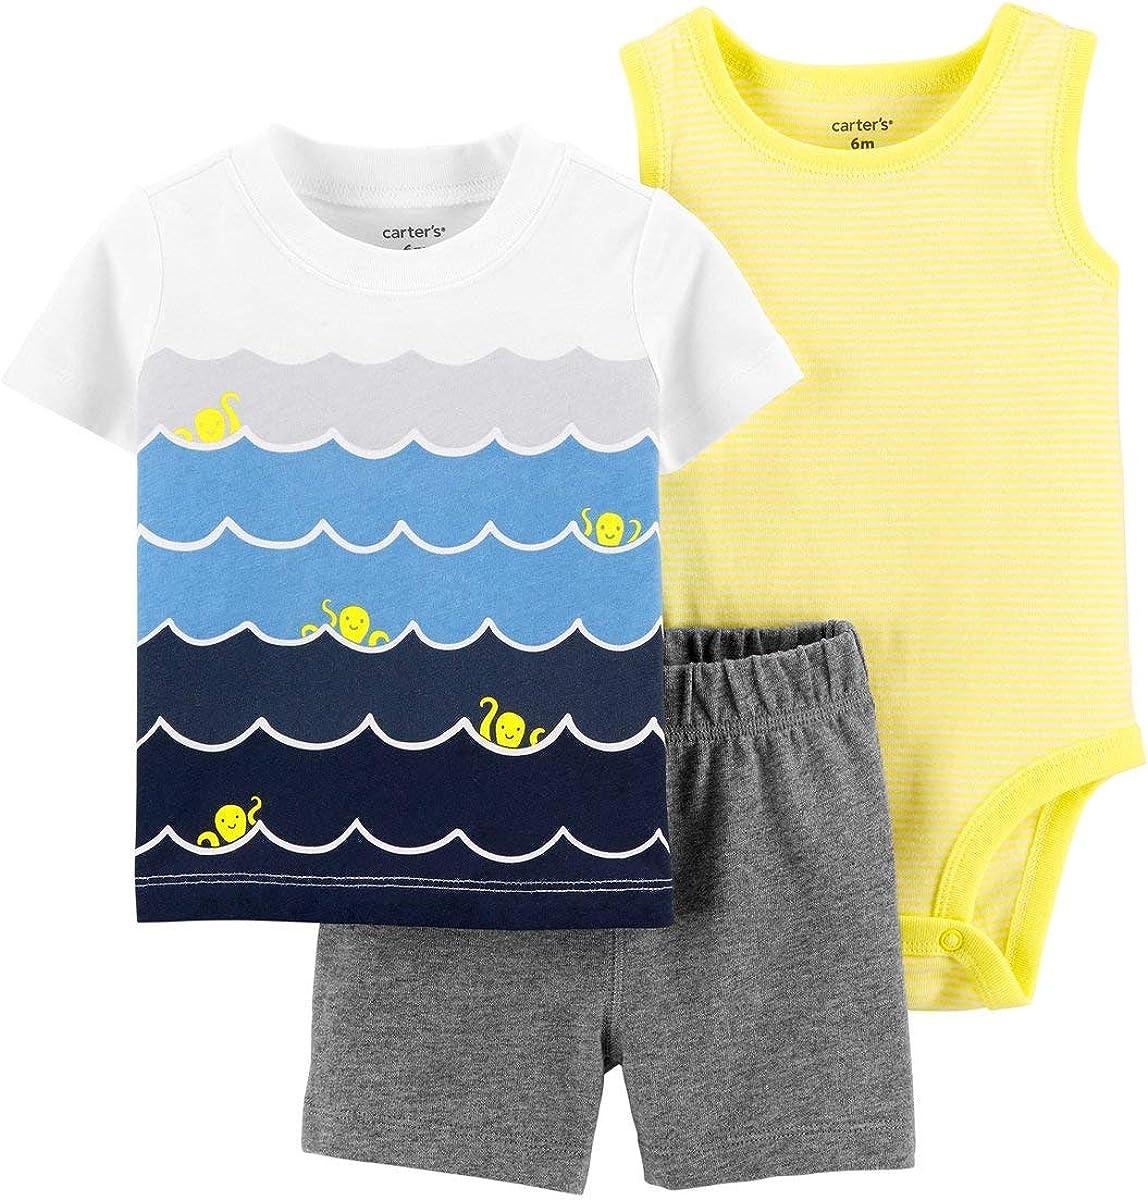 Carter's Baby 3-Piece Waves Little Short Set (Newborn)